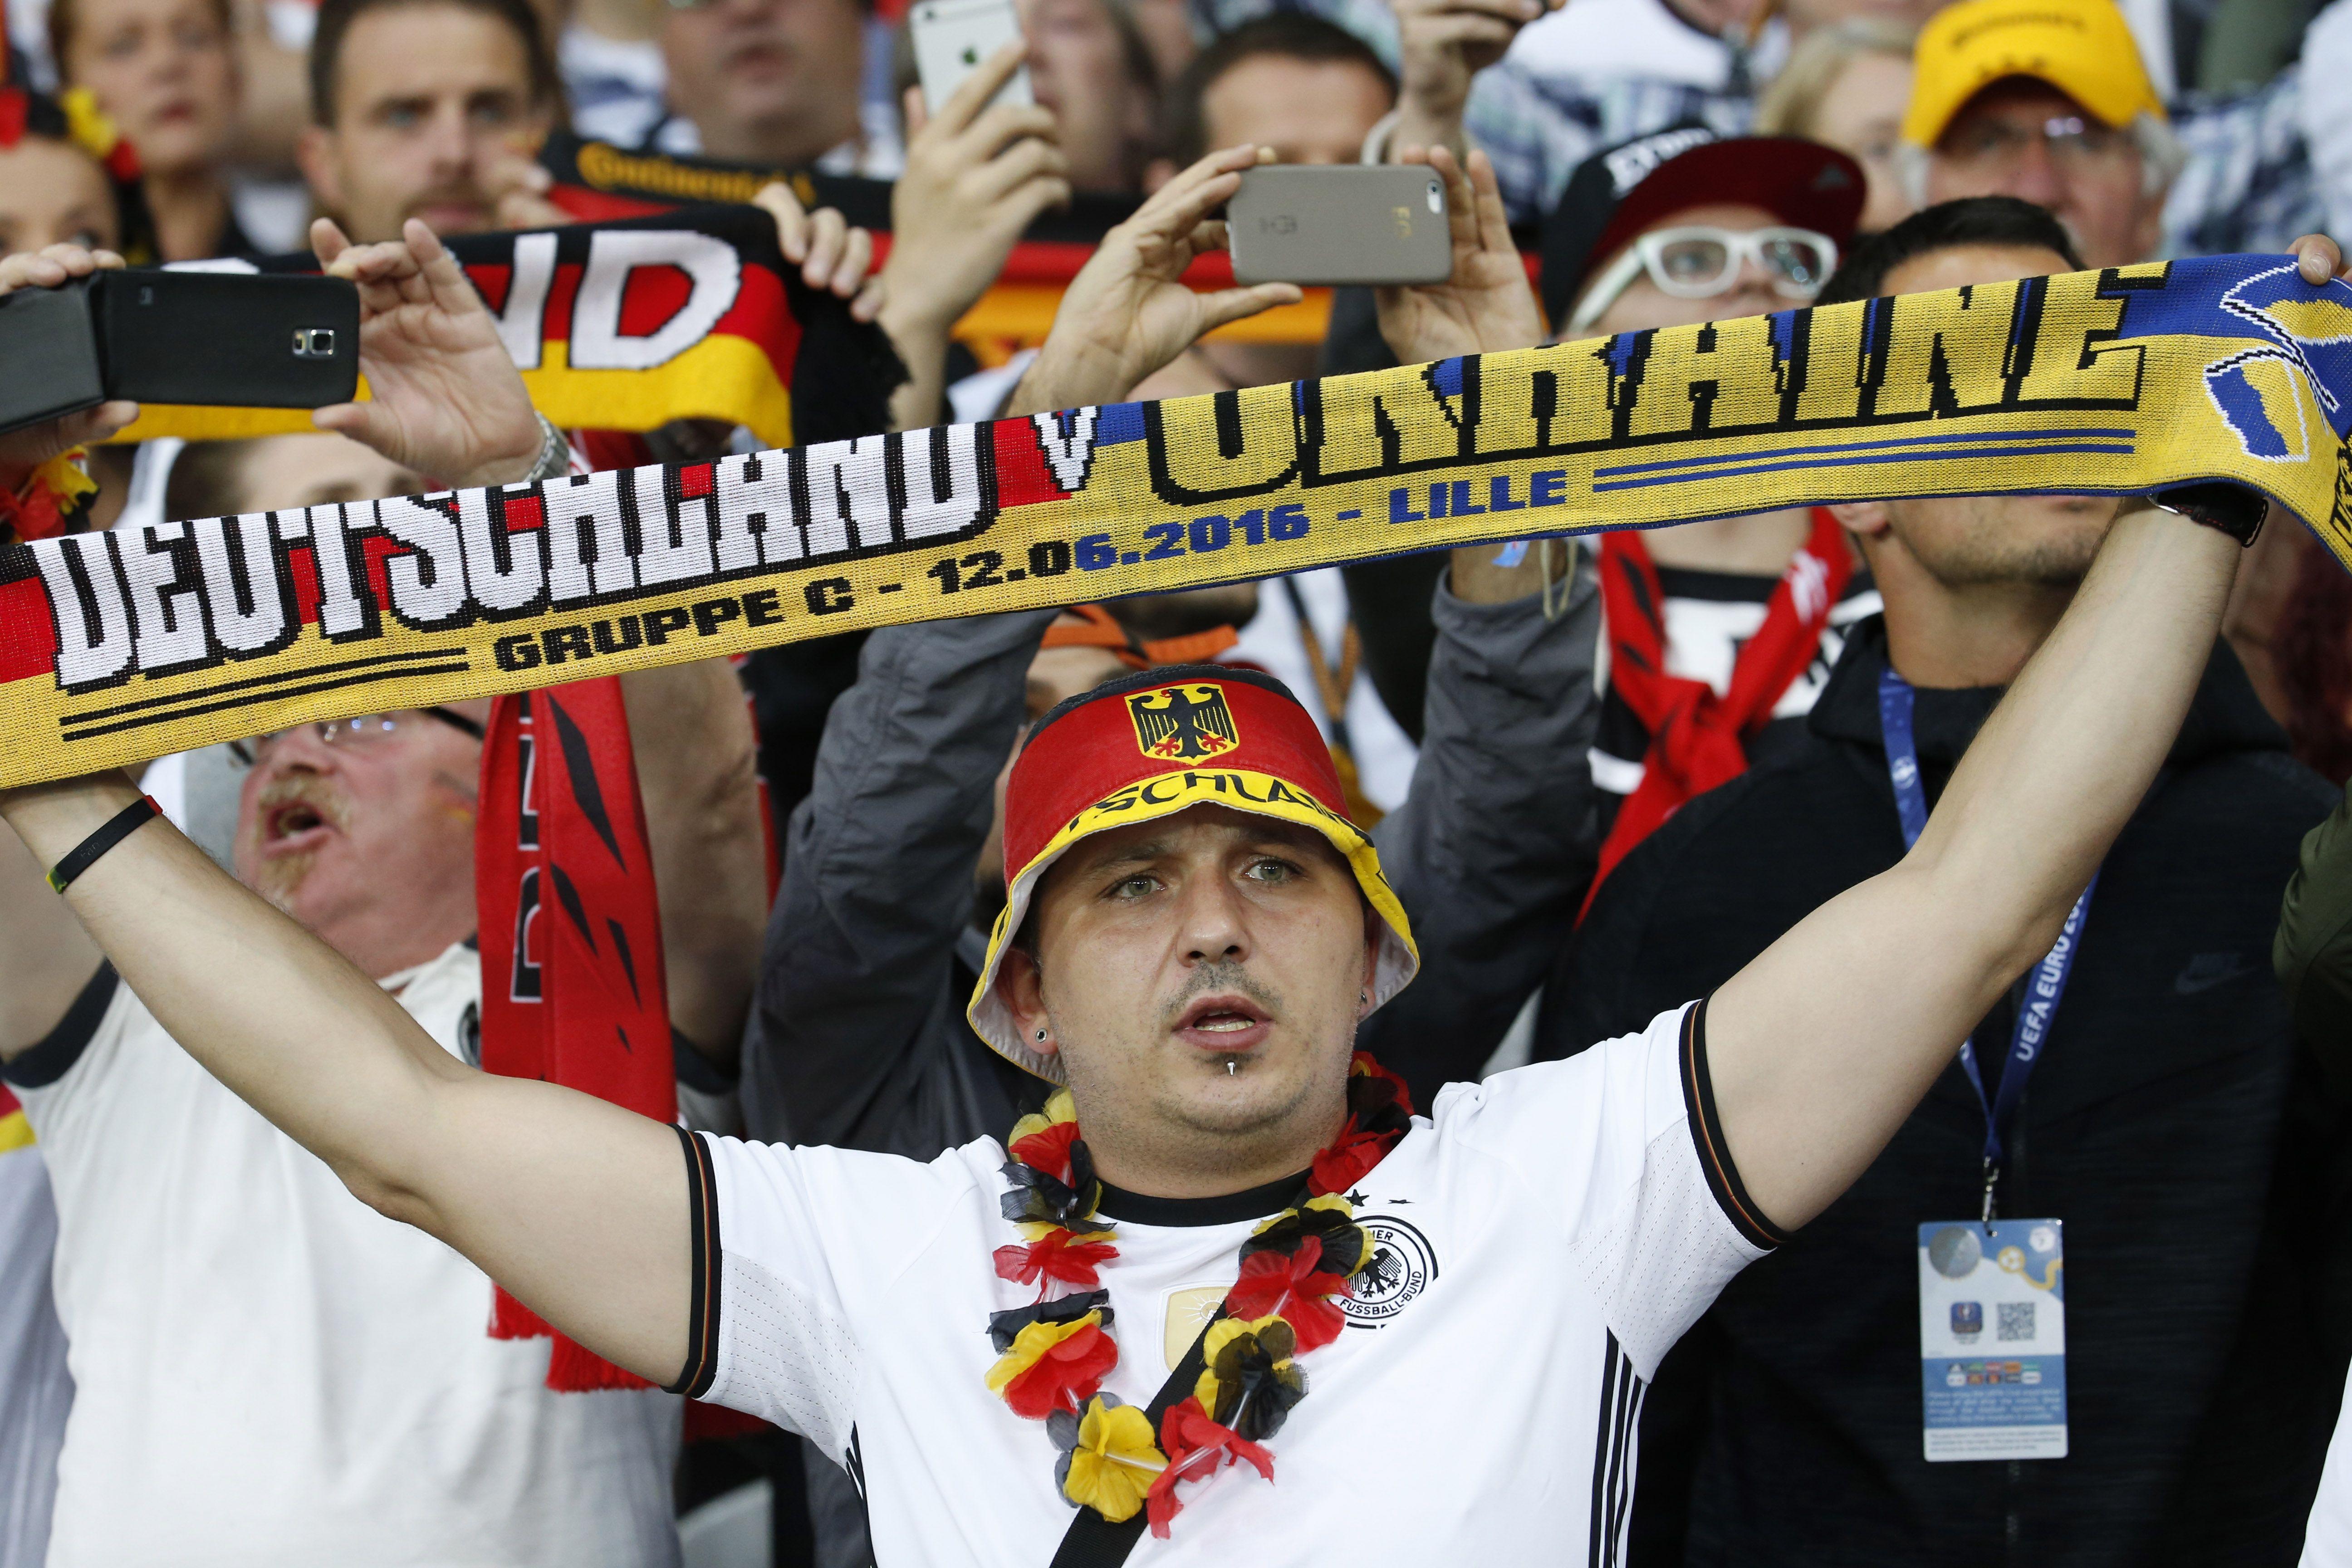 Фаны на битве сборных Украины и Германии